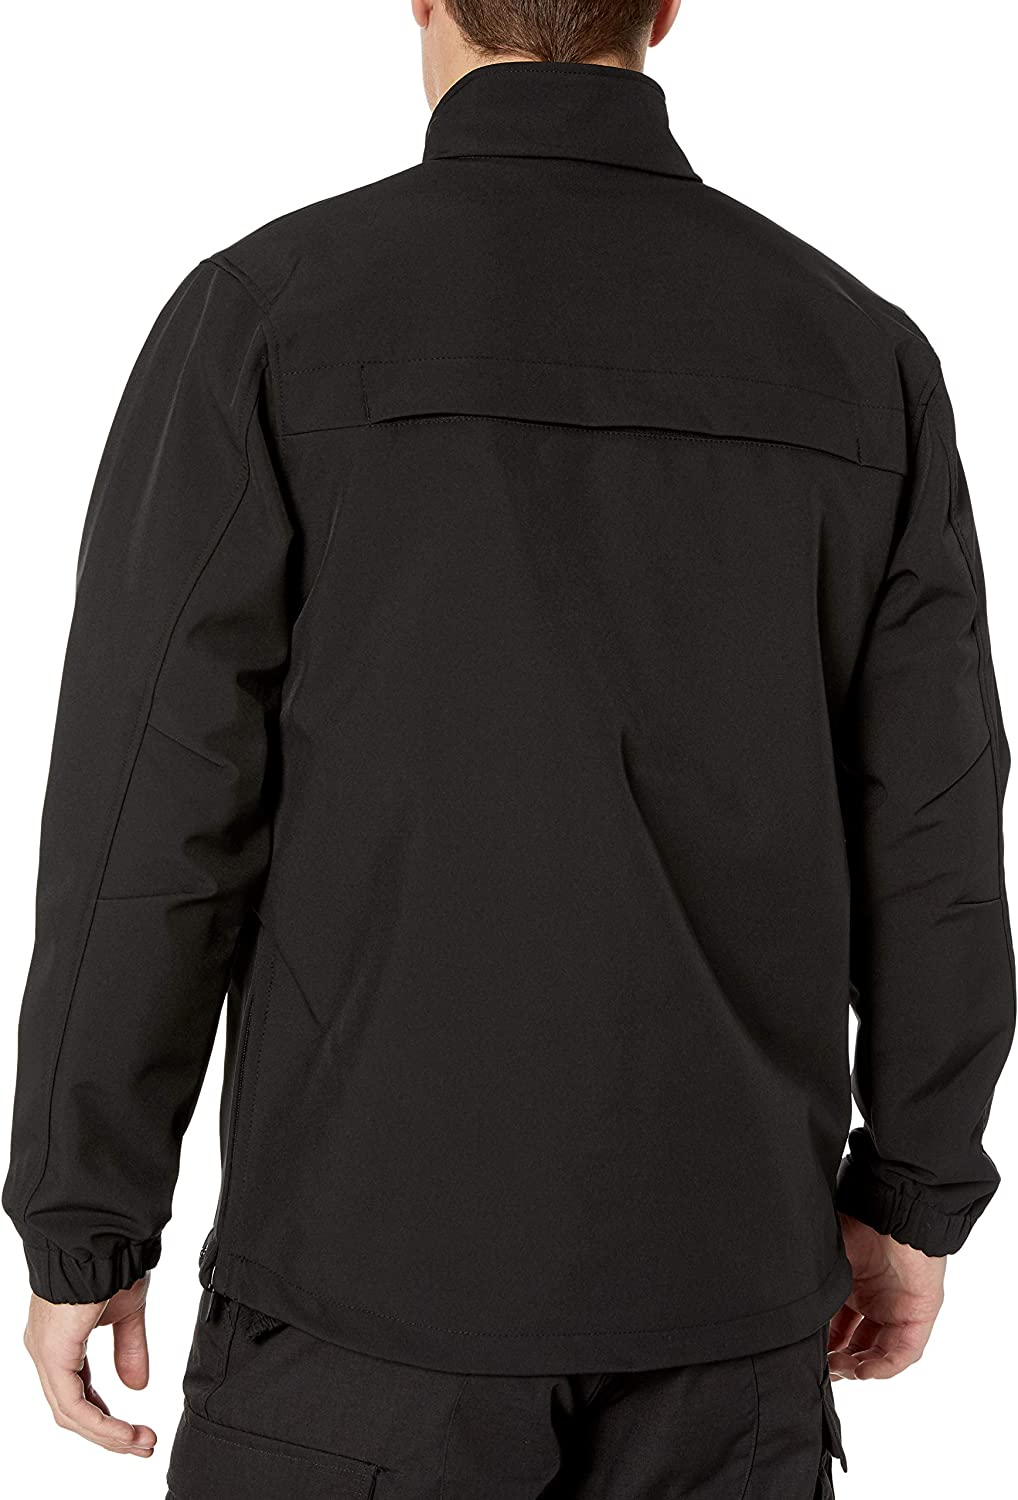 Dickies Mens Tactical Softshell Jacket Big